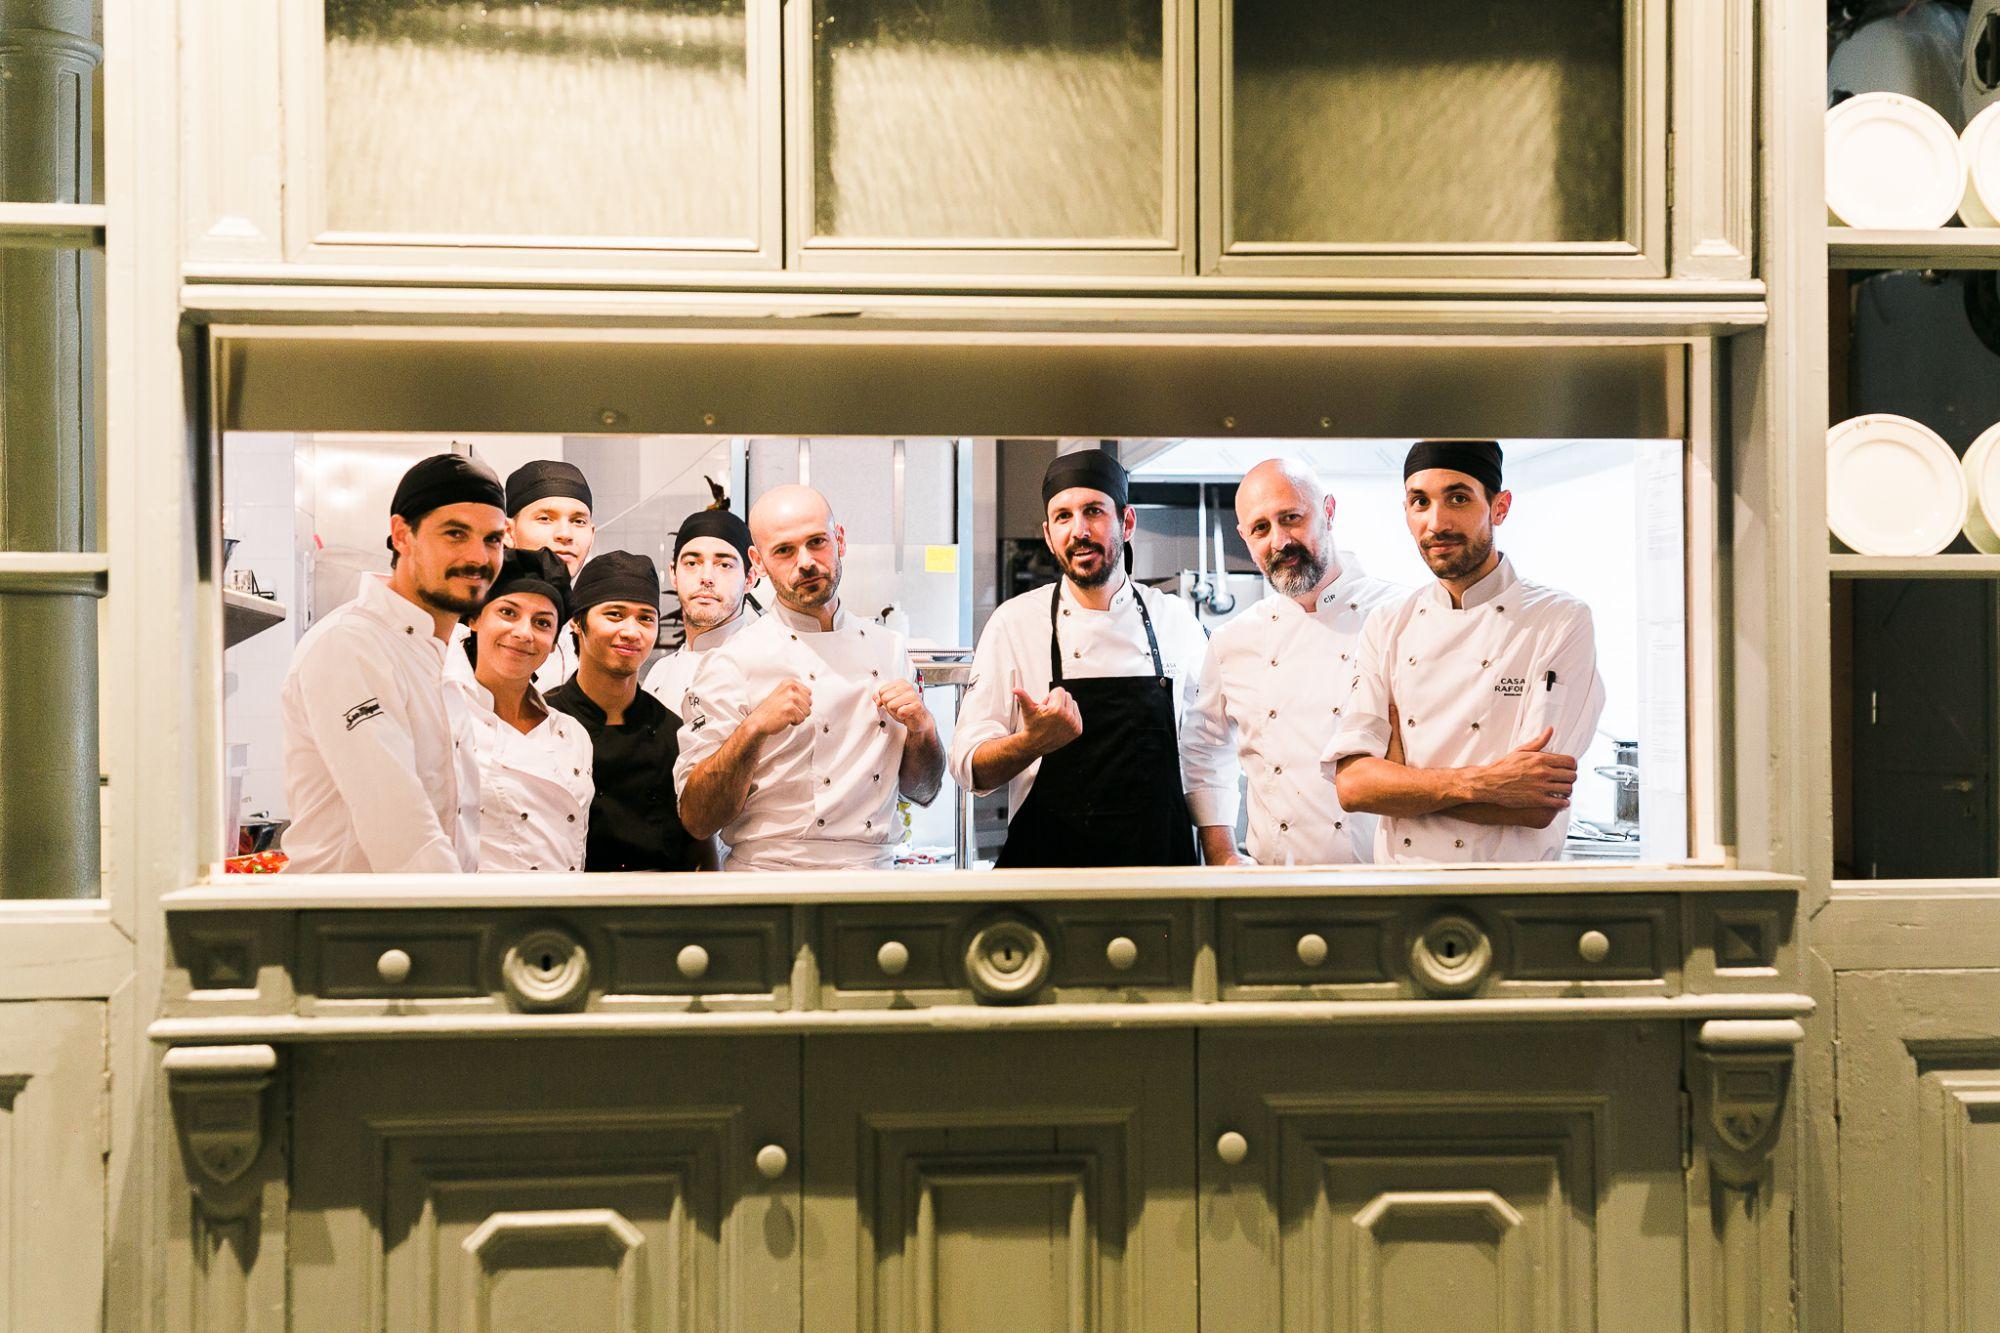 El chef Txemi Andrés Alonso con su equipo en la cocina. Foto: Casa Ràfols.